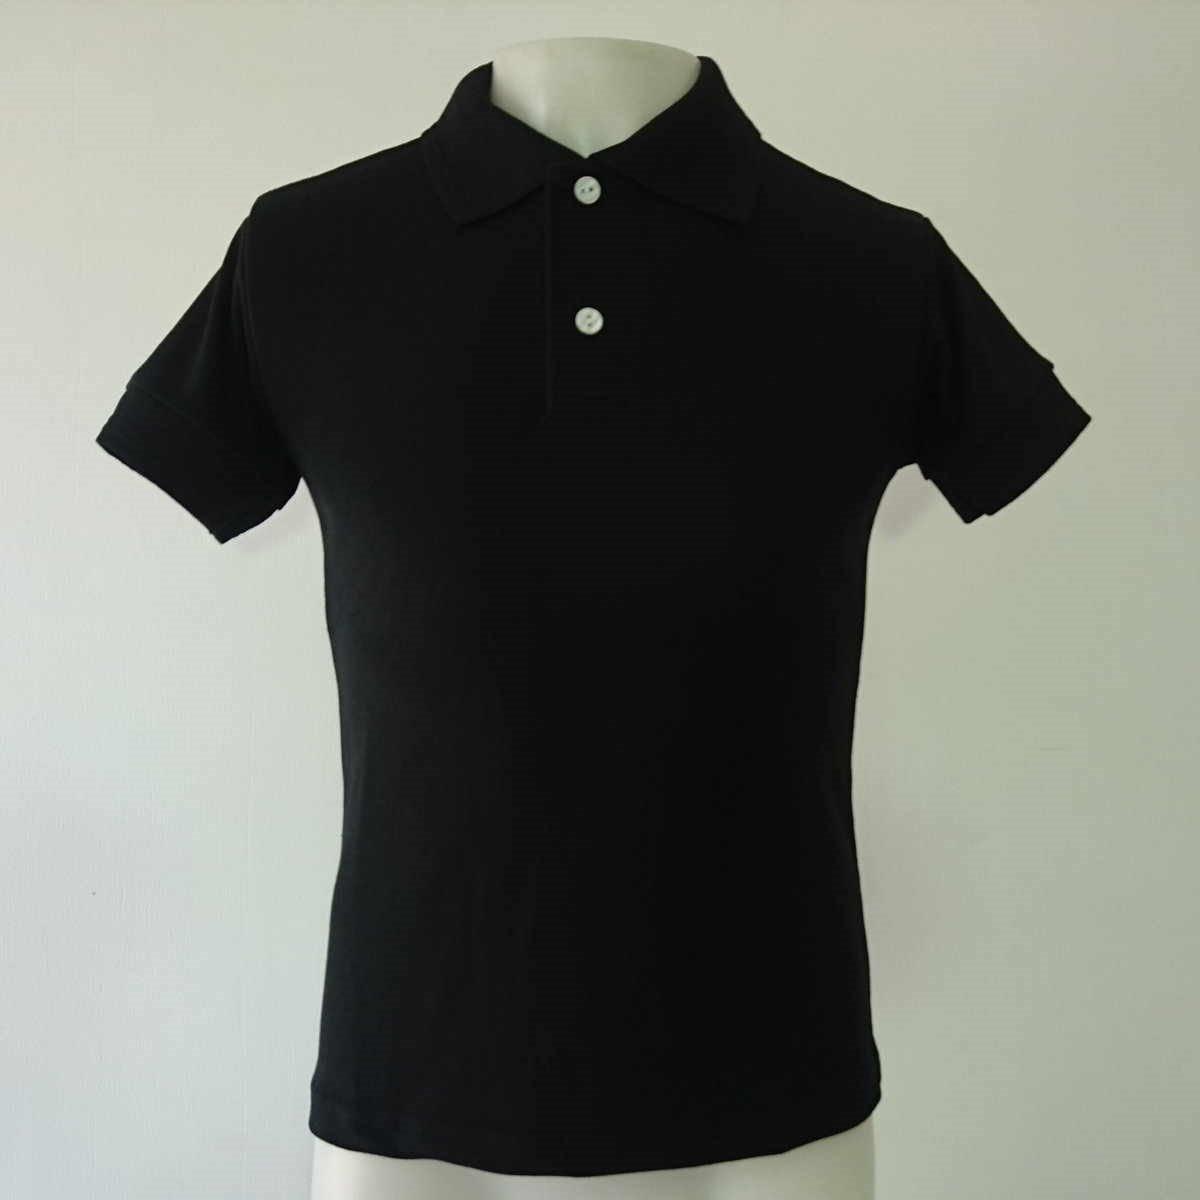 6e31086969 camisa polo camiseta masculina excelente modelo qualidade. Carregando zoom.